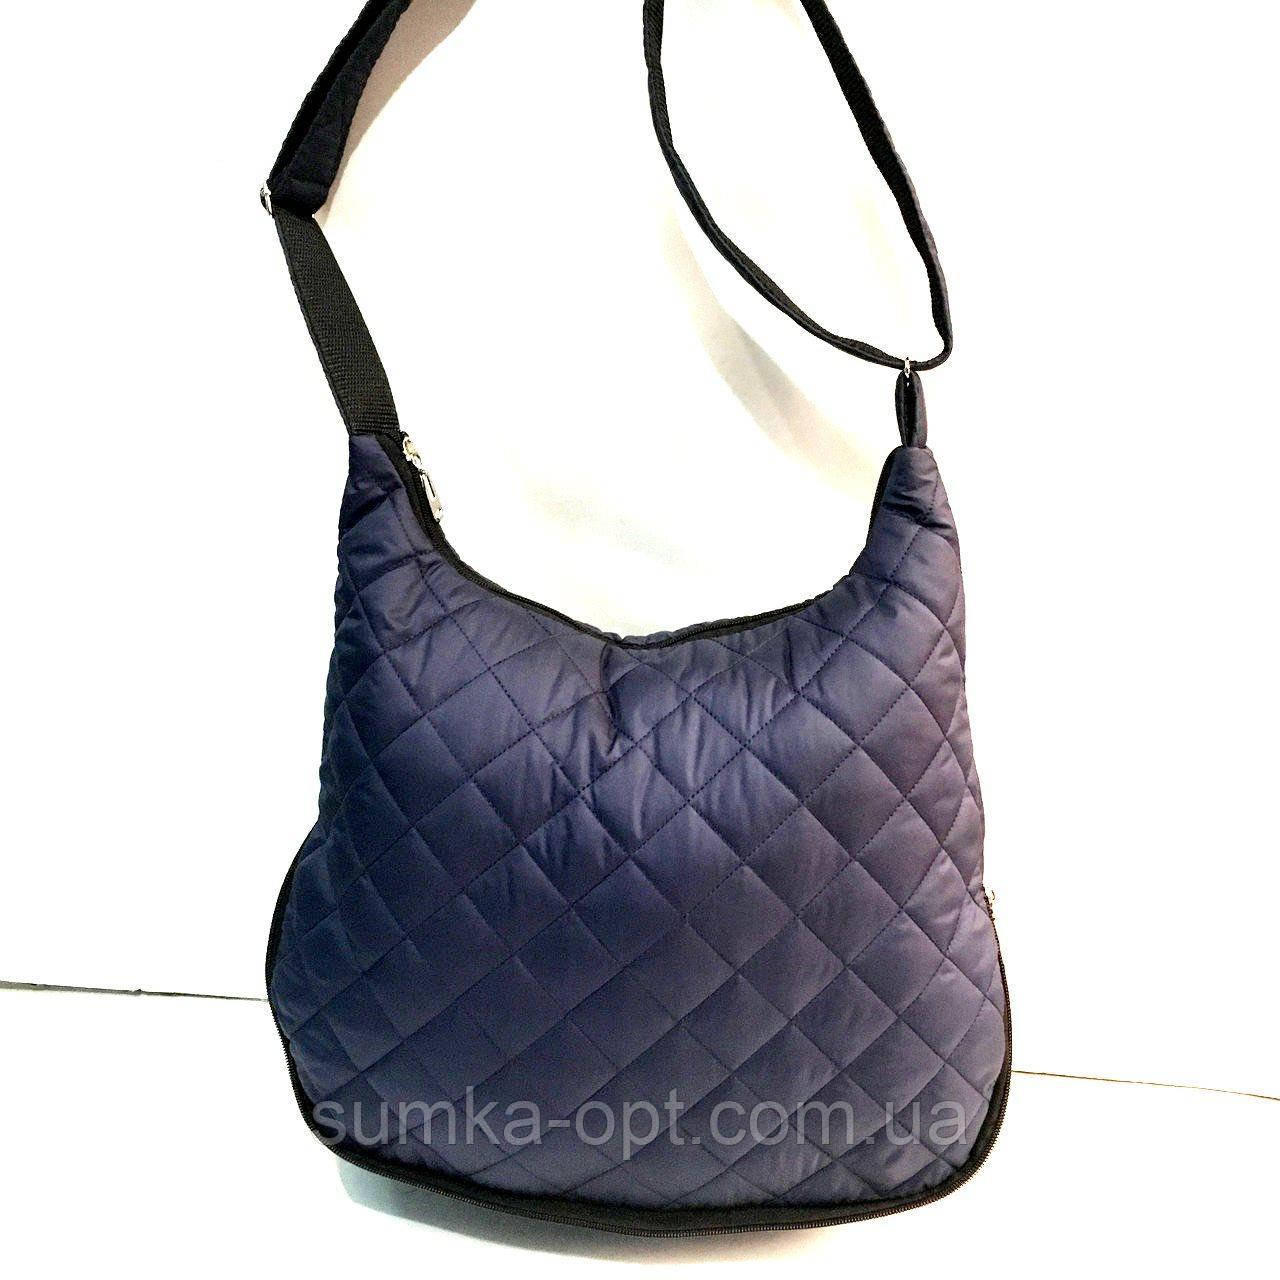 Женские стеганные сумки дешево опт до 100грн (синий)32*40см